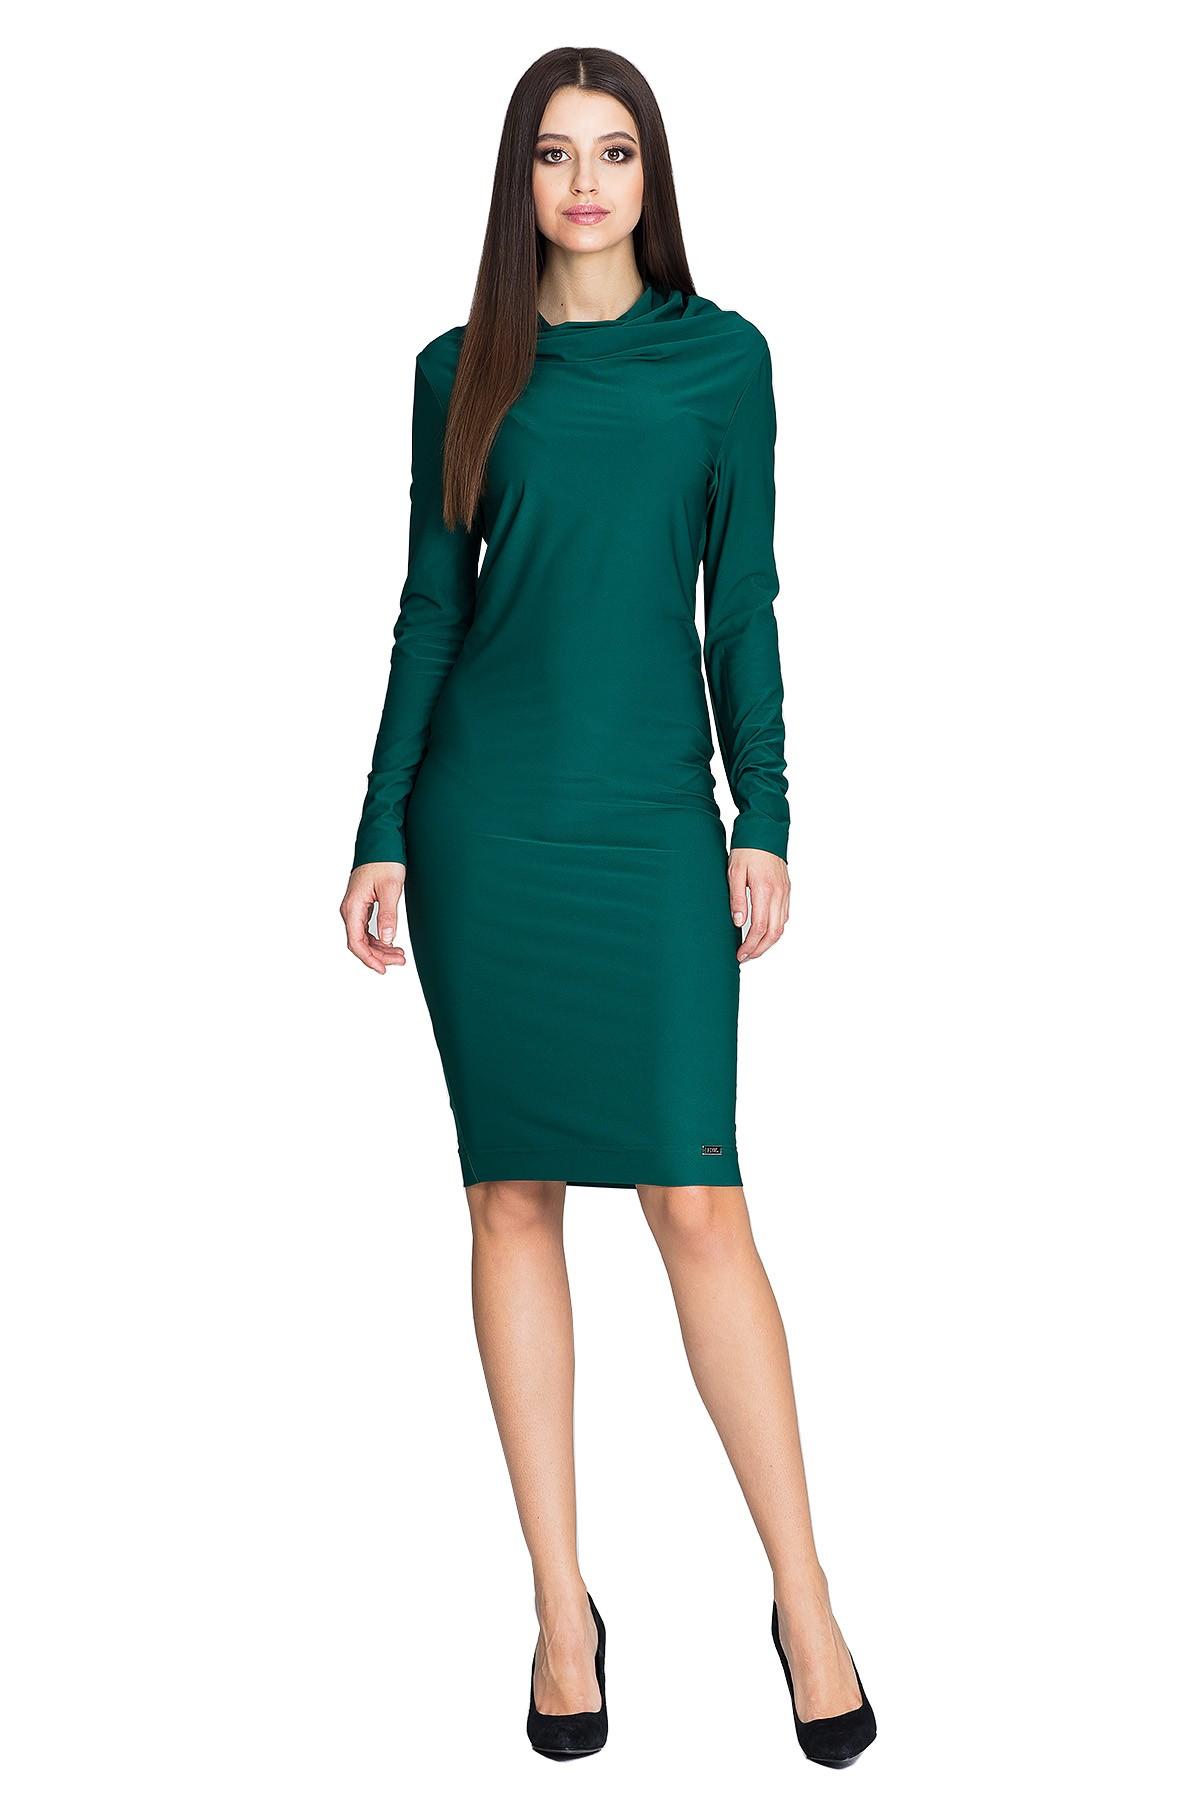 f070e4d310 Sukienka ołówkowa do pracy z długim rękawem zielona · 13Sukienek.pl